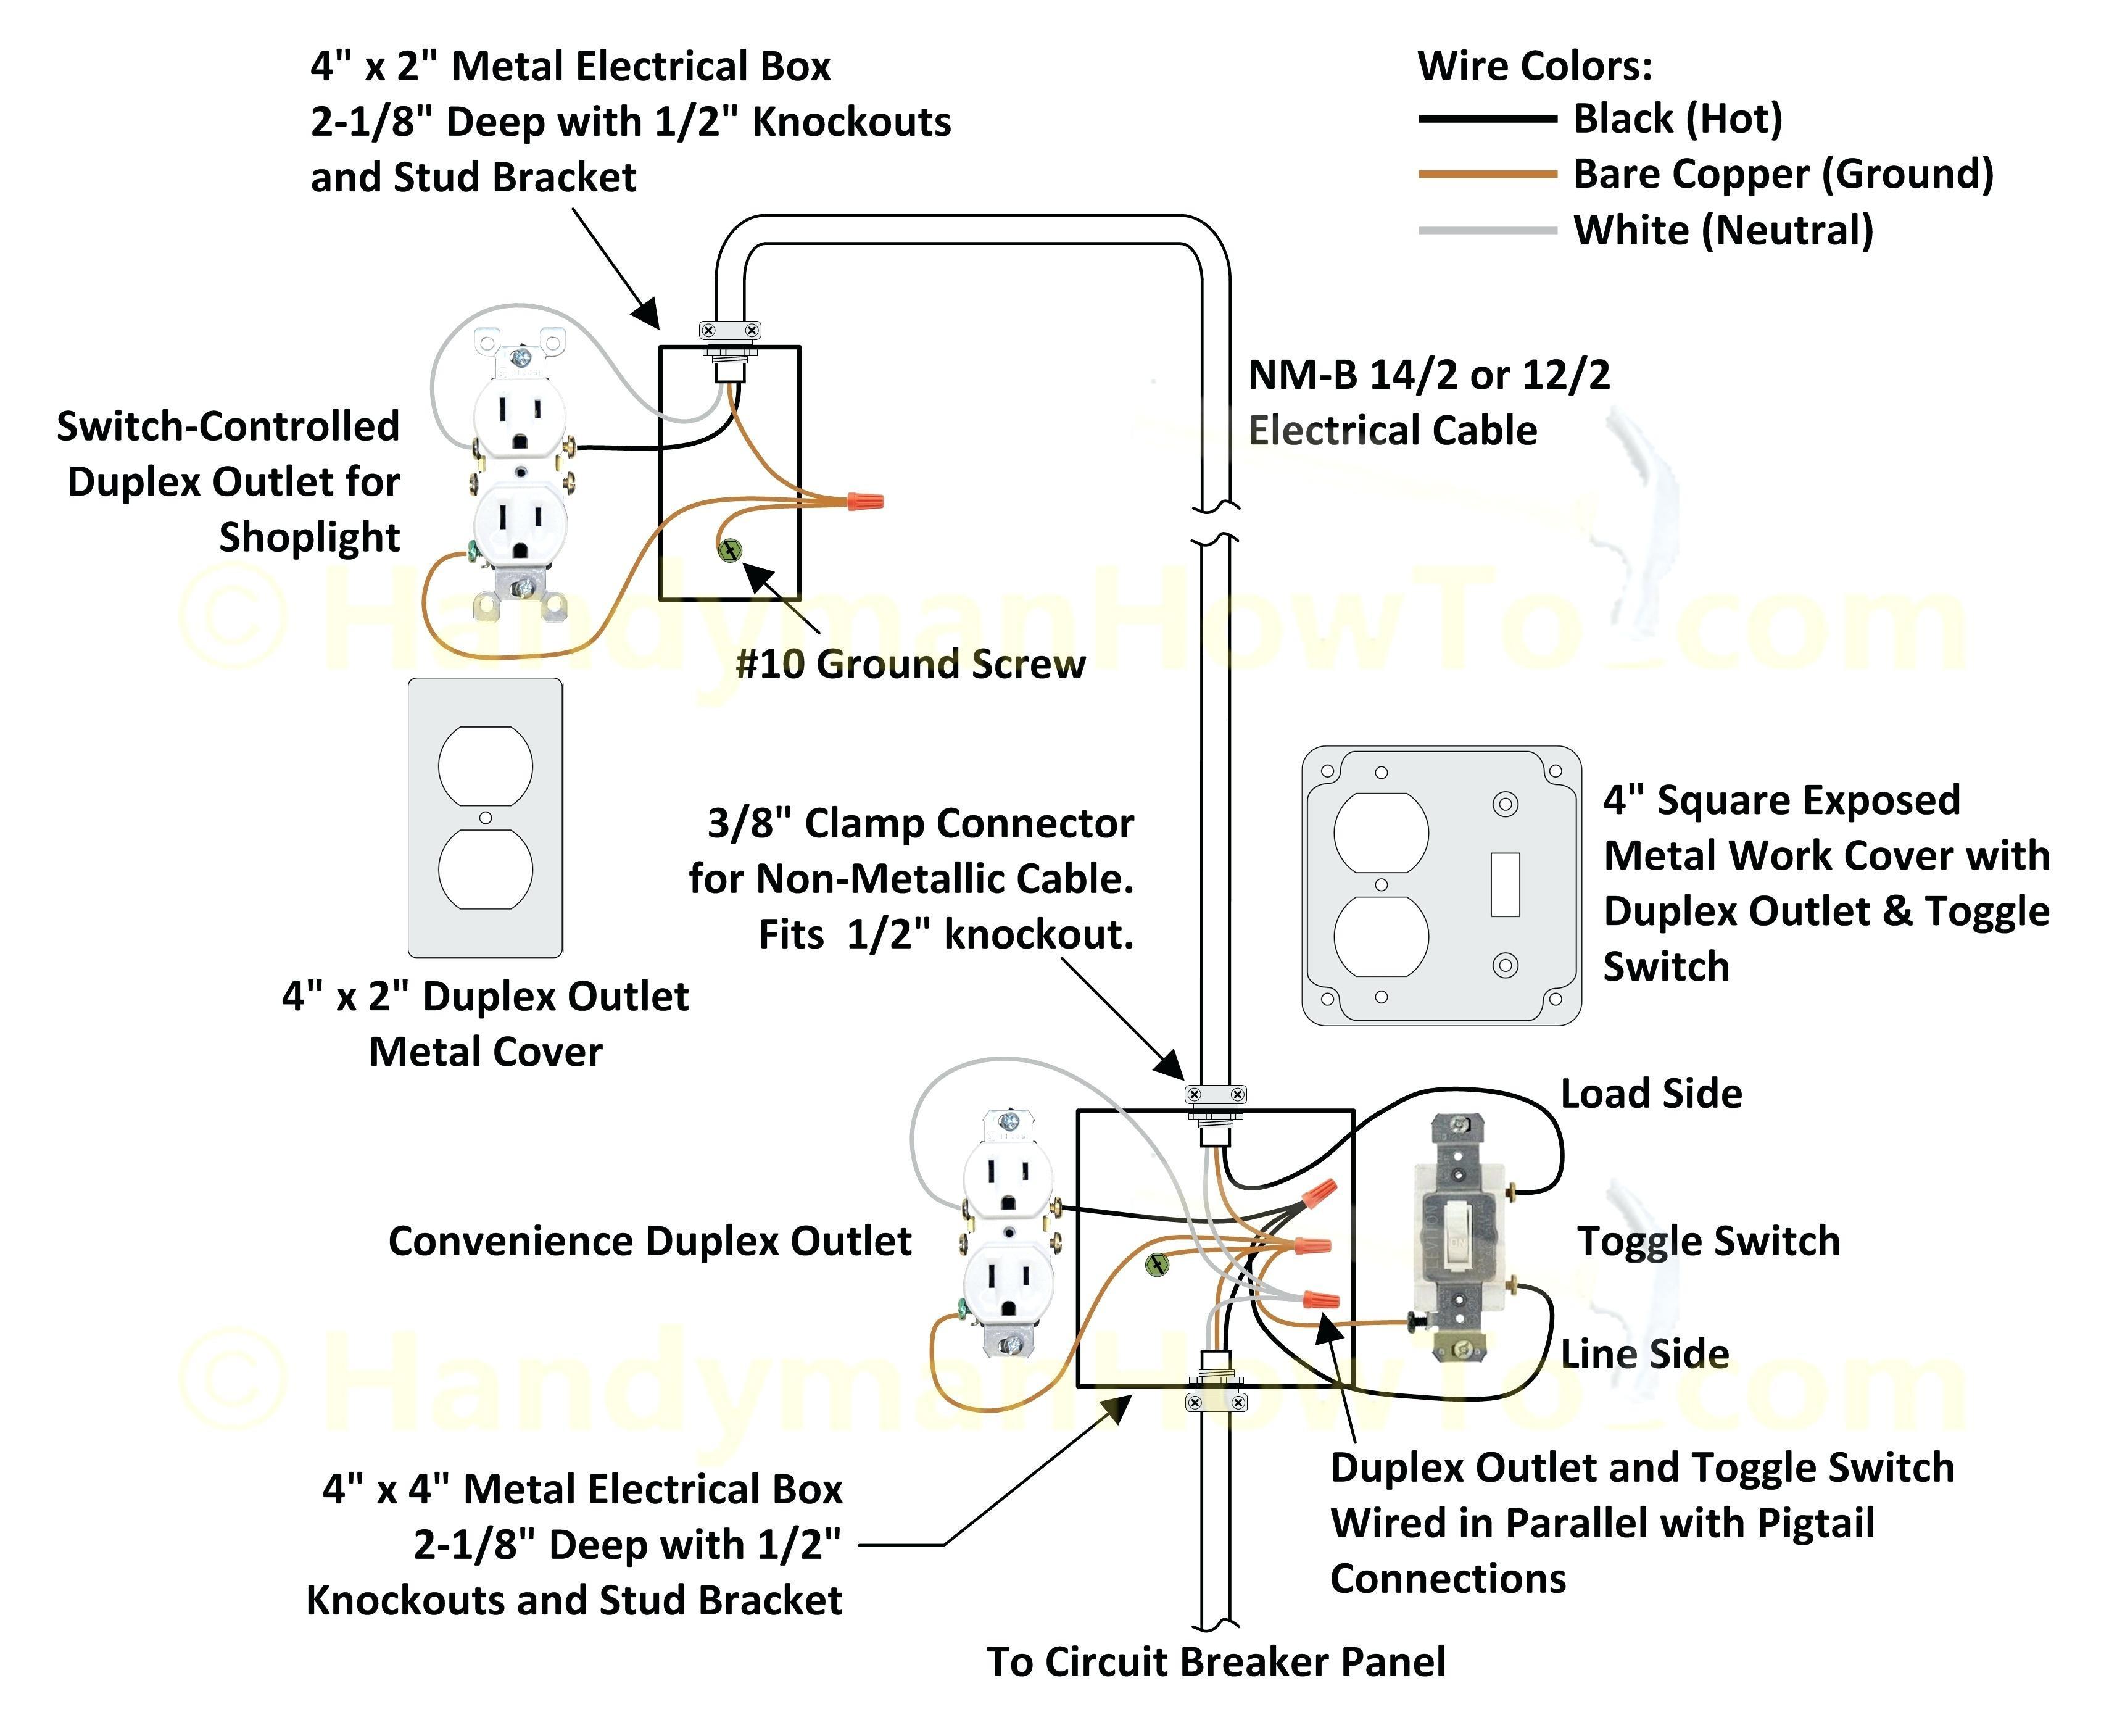 Heath Zenith Wiring Diagram - Data Wiring Diagram Today - Heath Zenith Motion Sensor Light Wiring Diagram